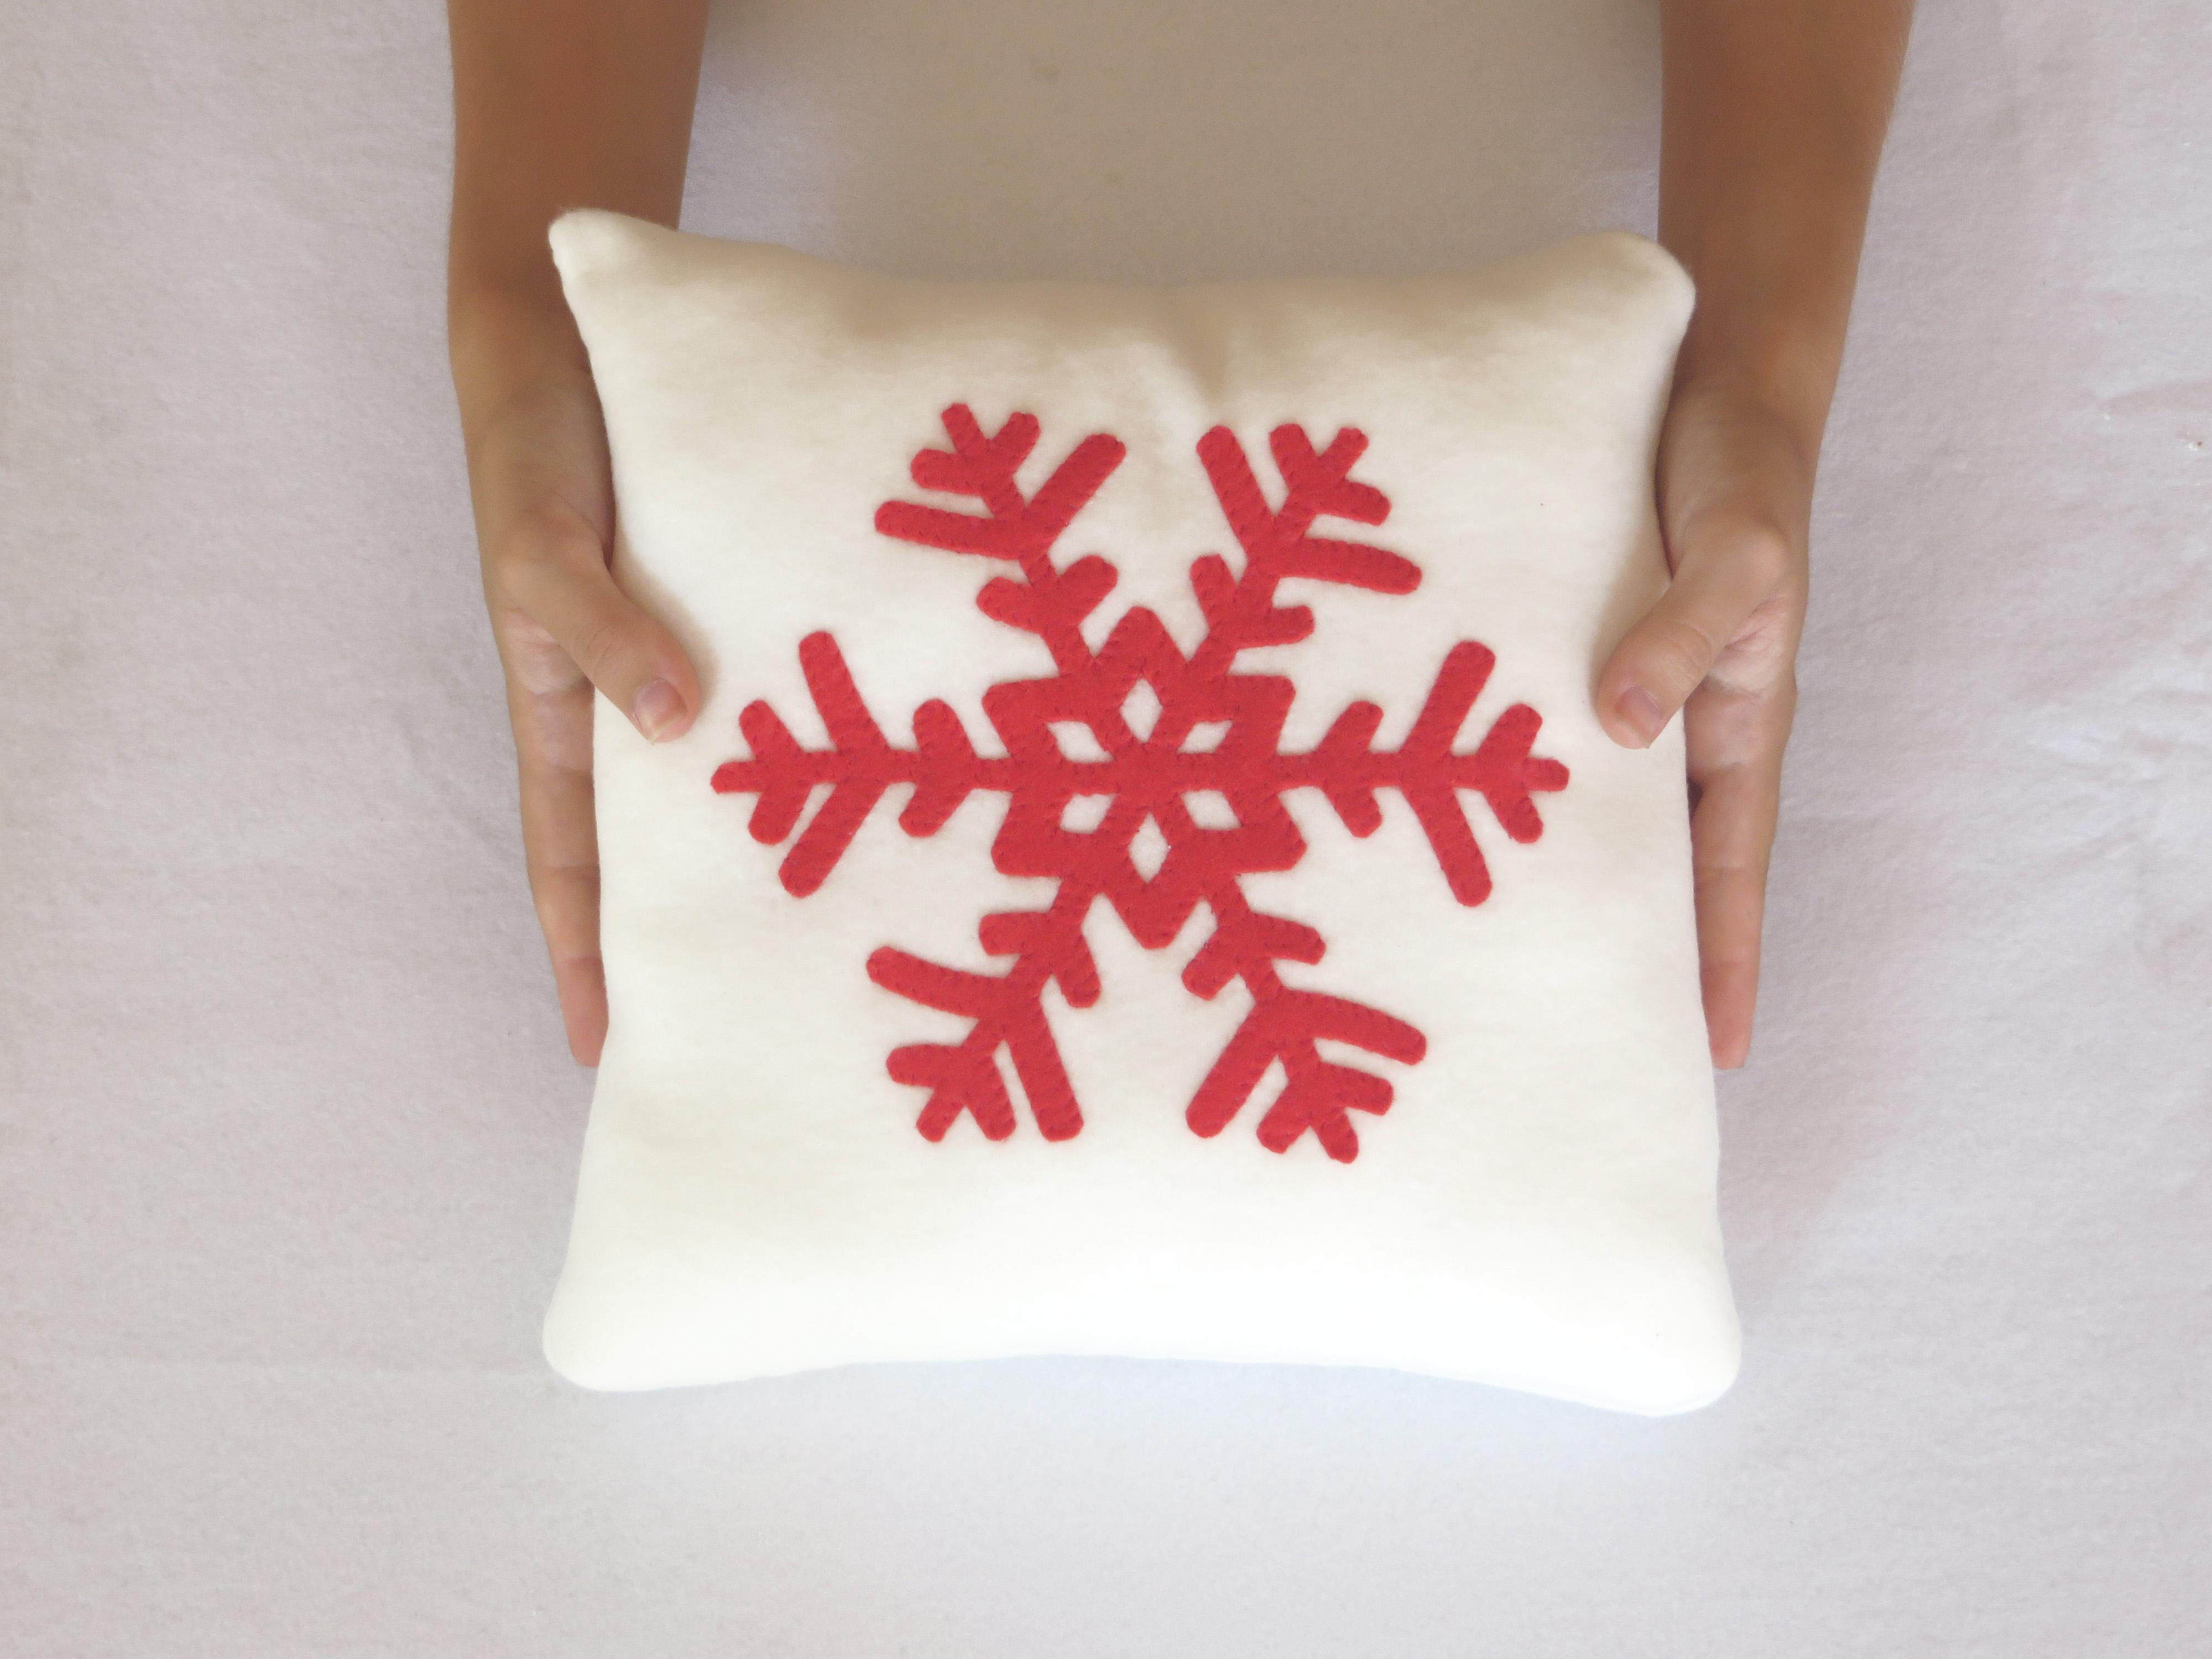 coussin noel flocon de neige coussin deco noel deco coussin decoratif noel cadeau noel. Black Bedroom Furniture Sets. Home Design Ideas